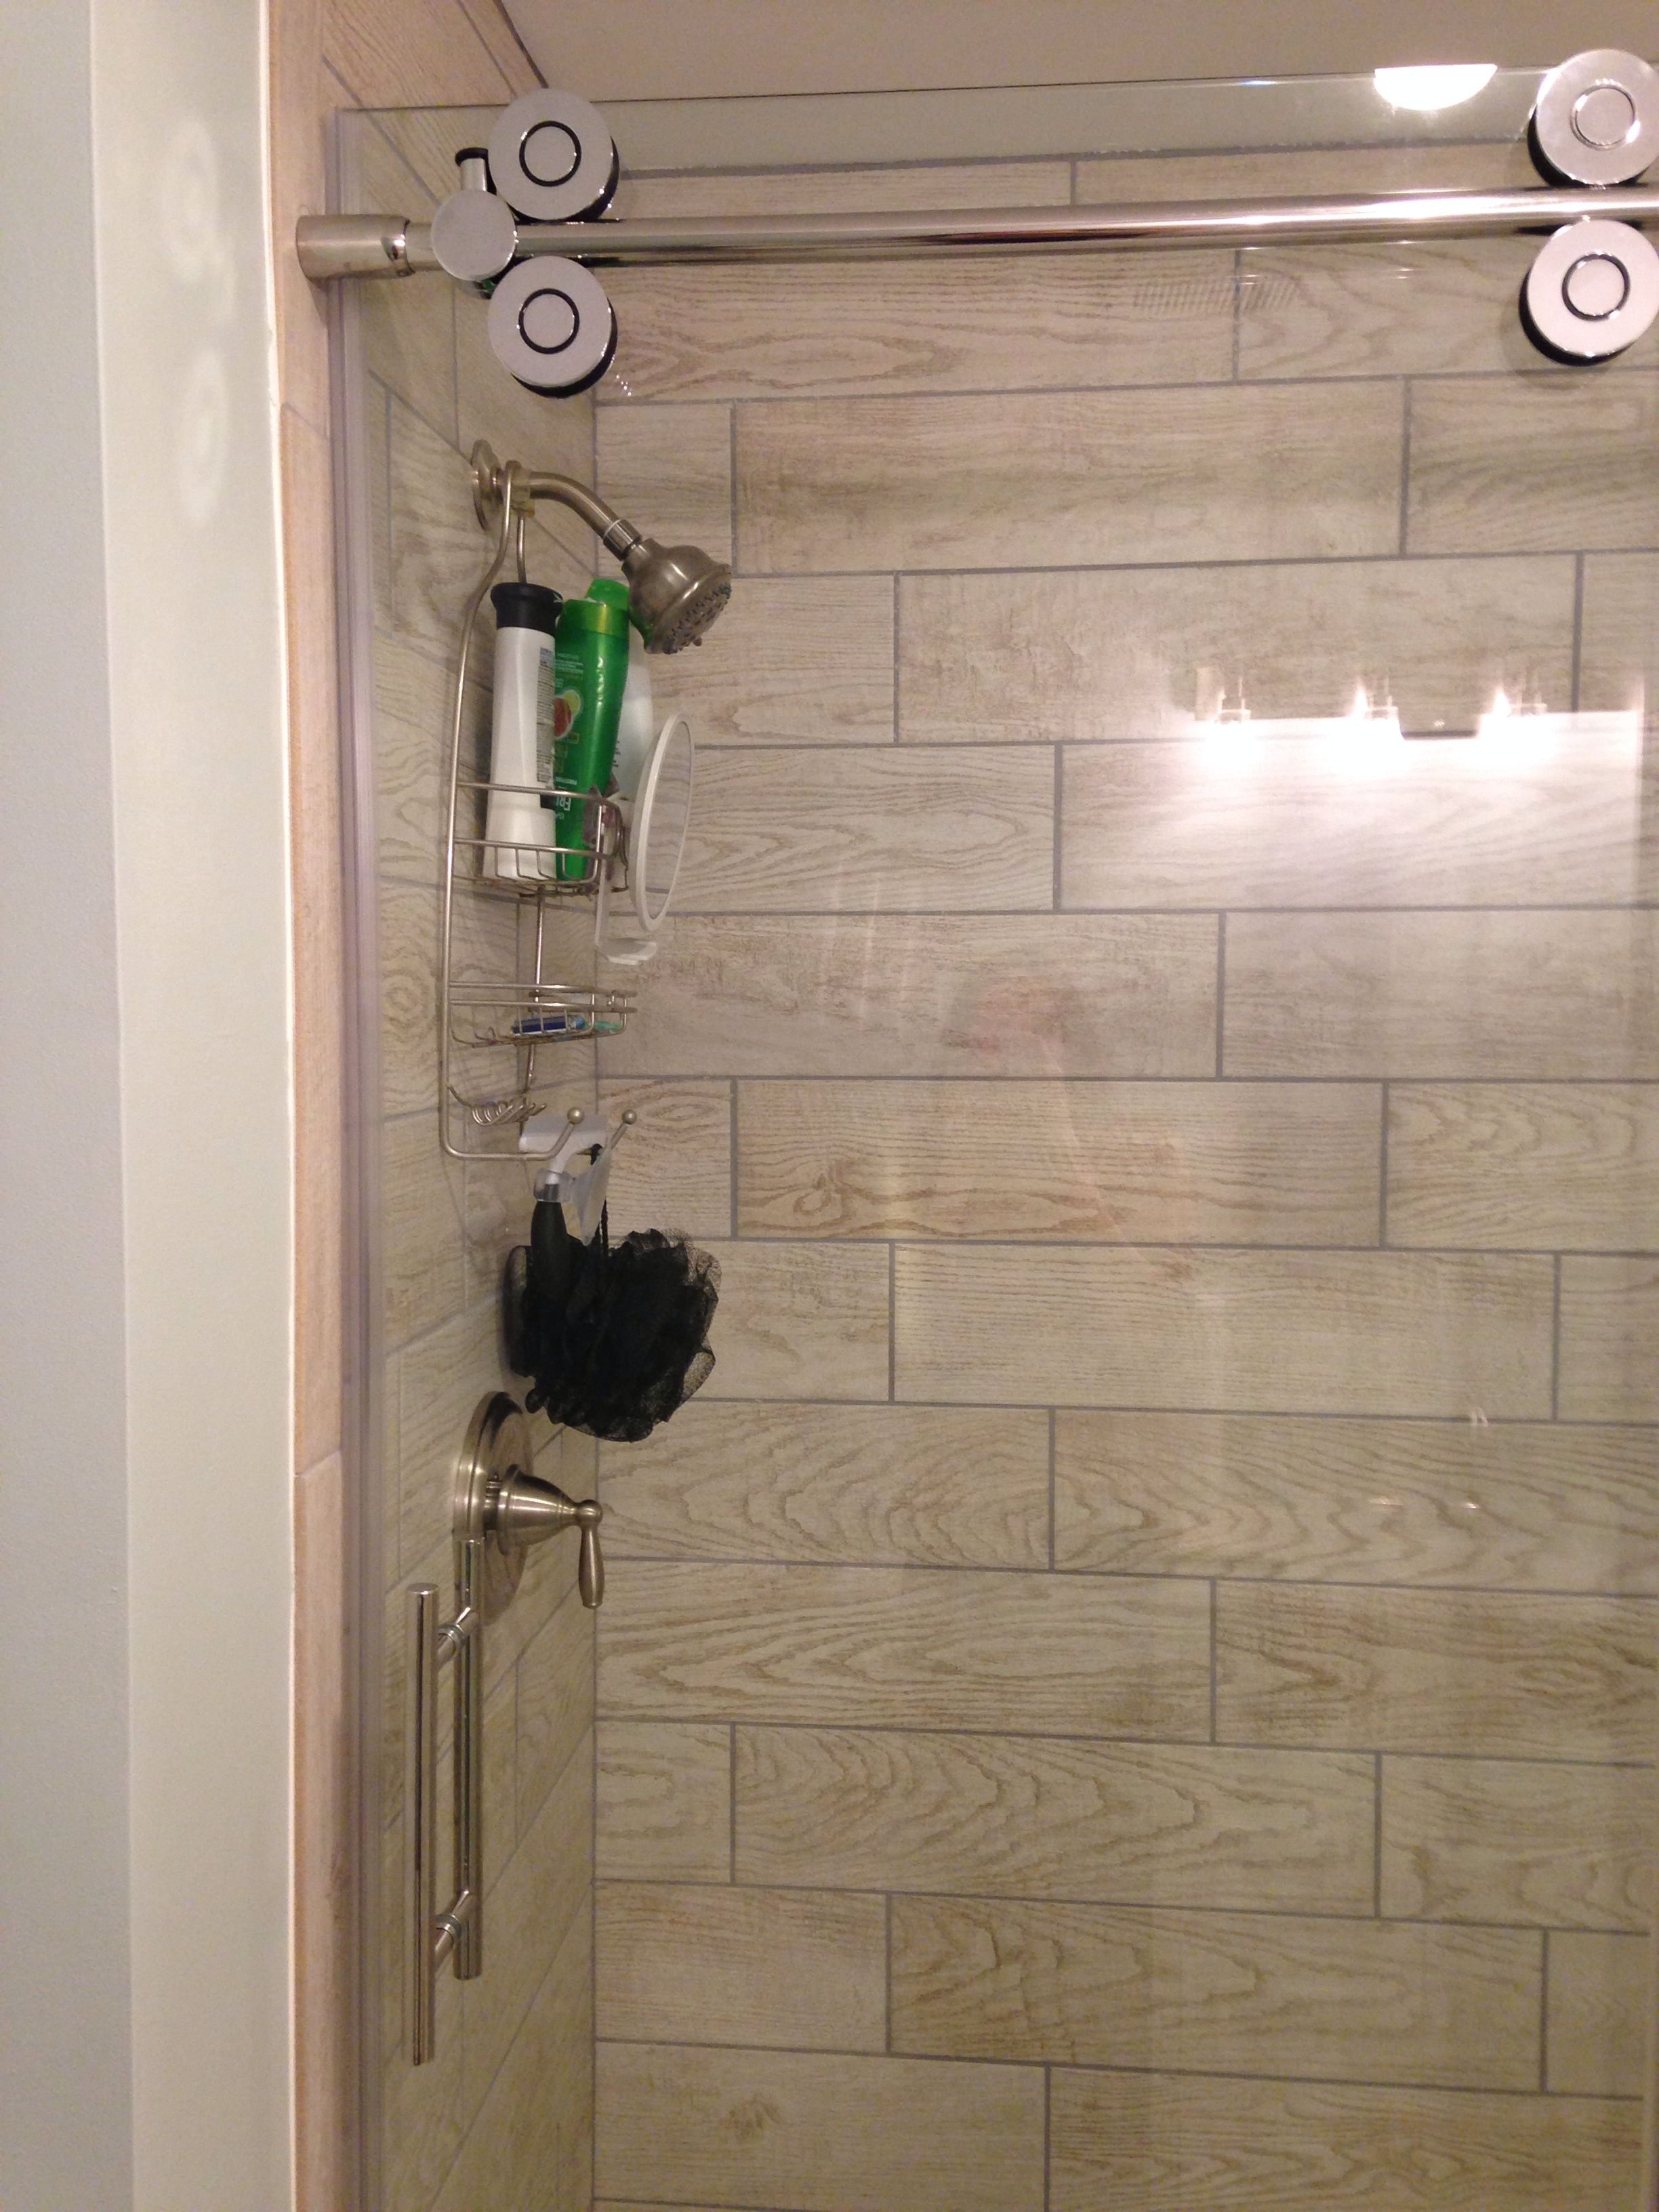 Wood tile in shower stall _ marazzi Home Depot, glass door is Allen ...